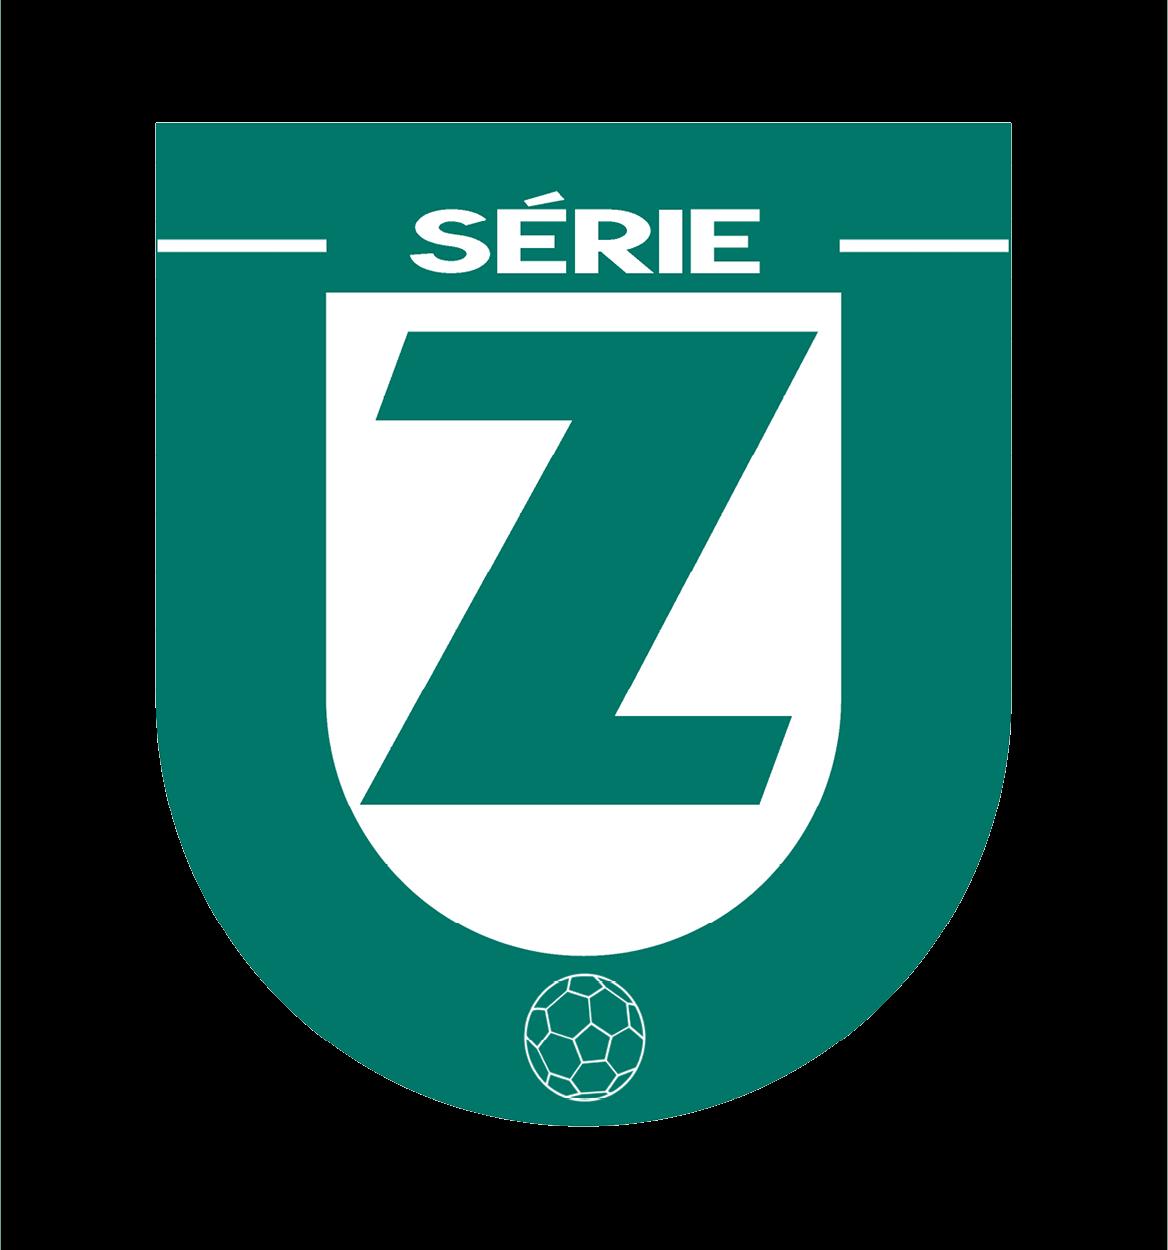 Revista SÉRIE Z